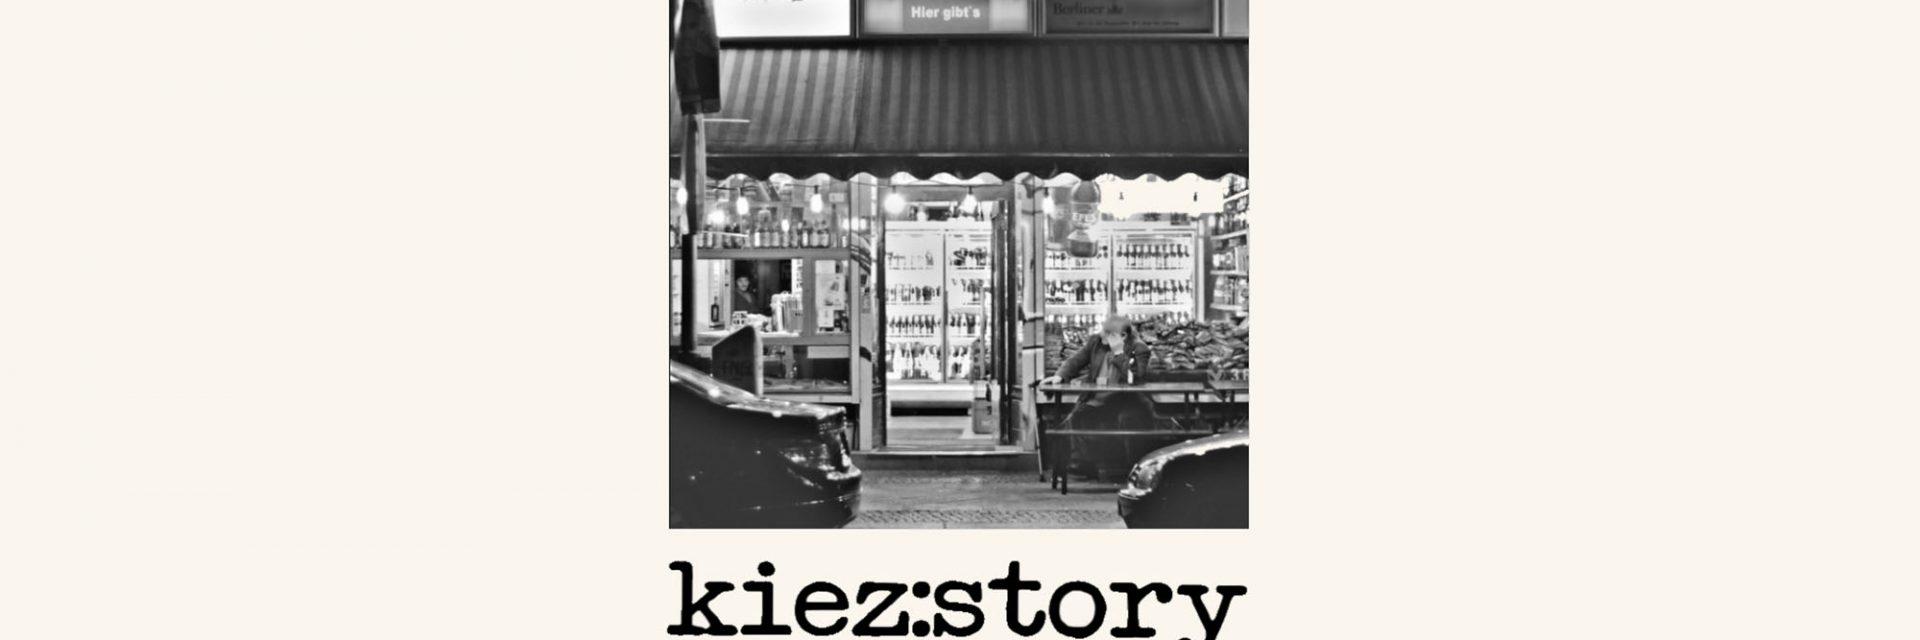 Header des Projekts kiez:story. Frontansicht eines Kiosk, darunter der Name als Schriftzug.